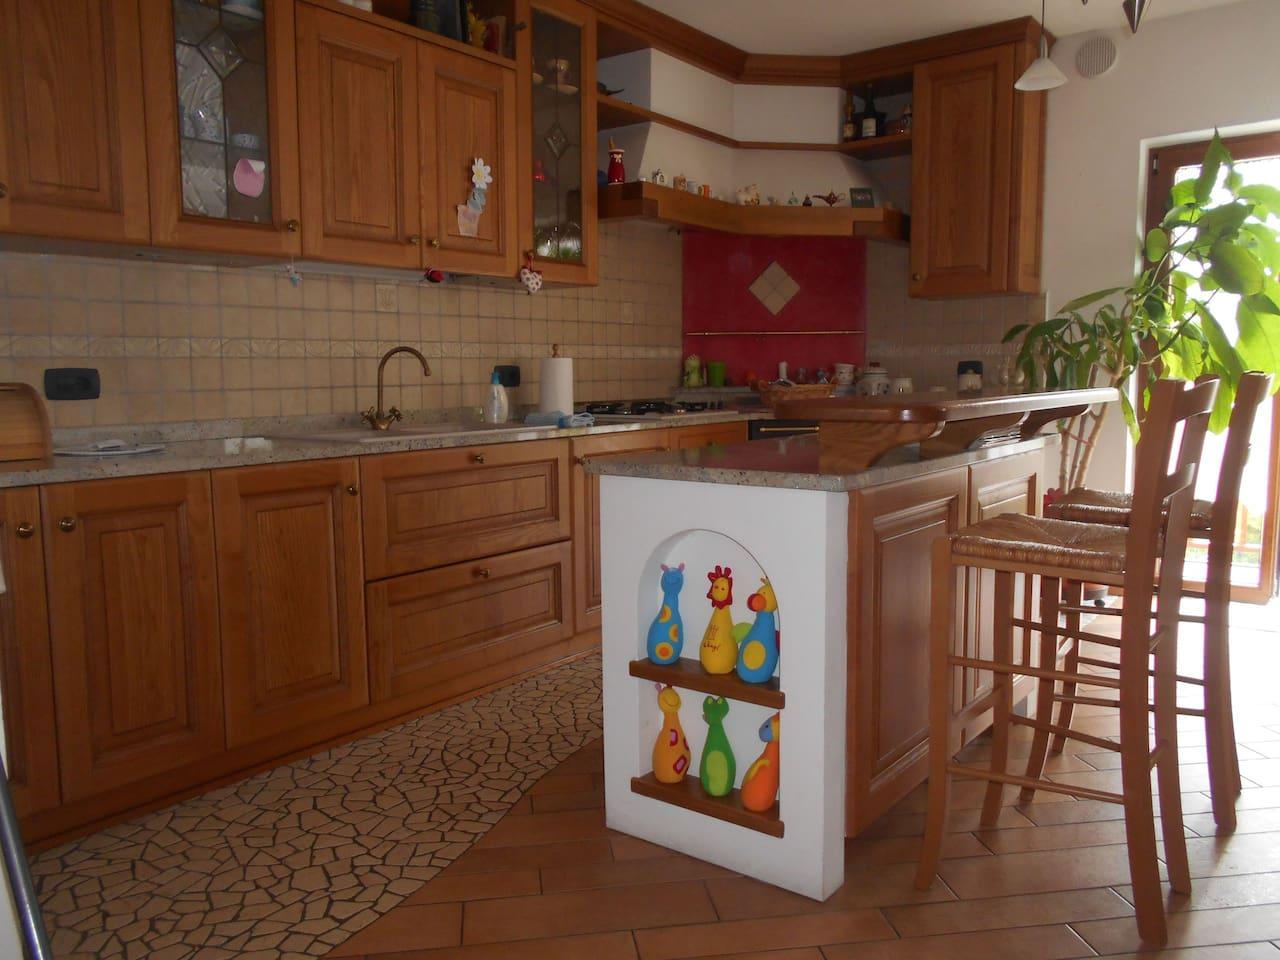 La cucina, completa di forno, frigorifero, lavastoviglie